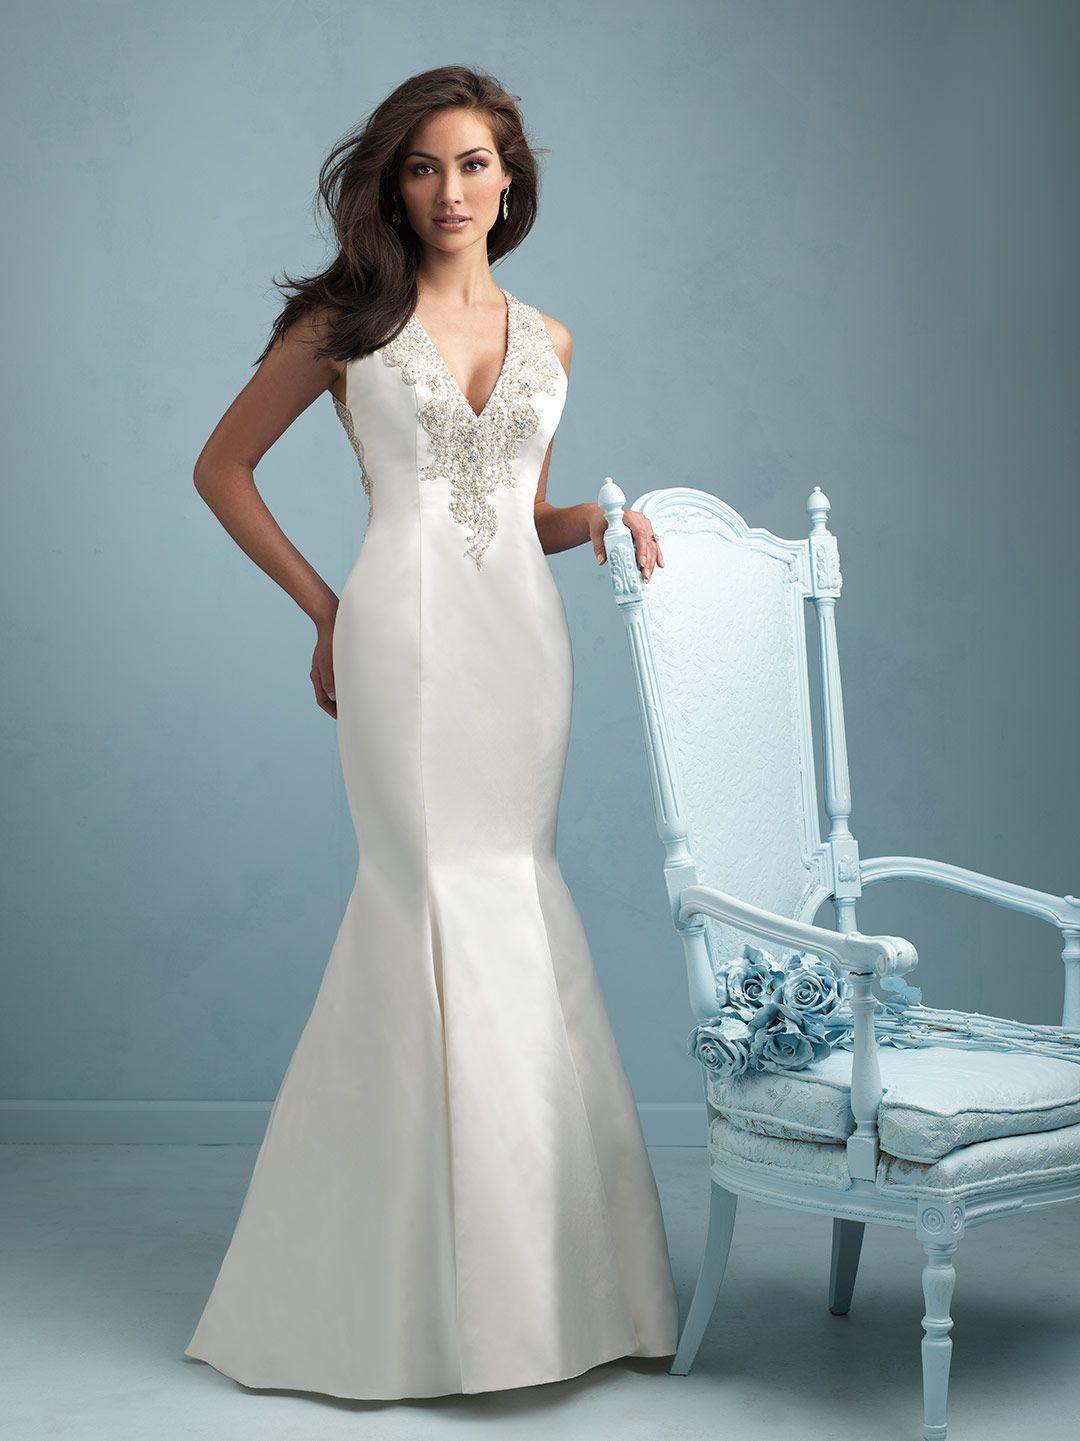 Allure Bridals: 9219   A L L U R E BRIDALS   Pinterest   Allure ...